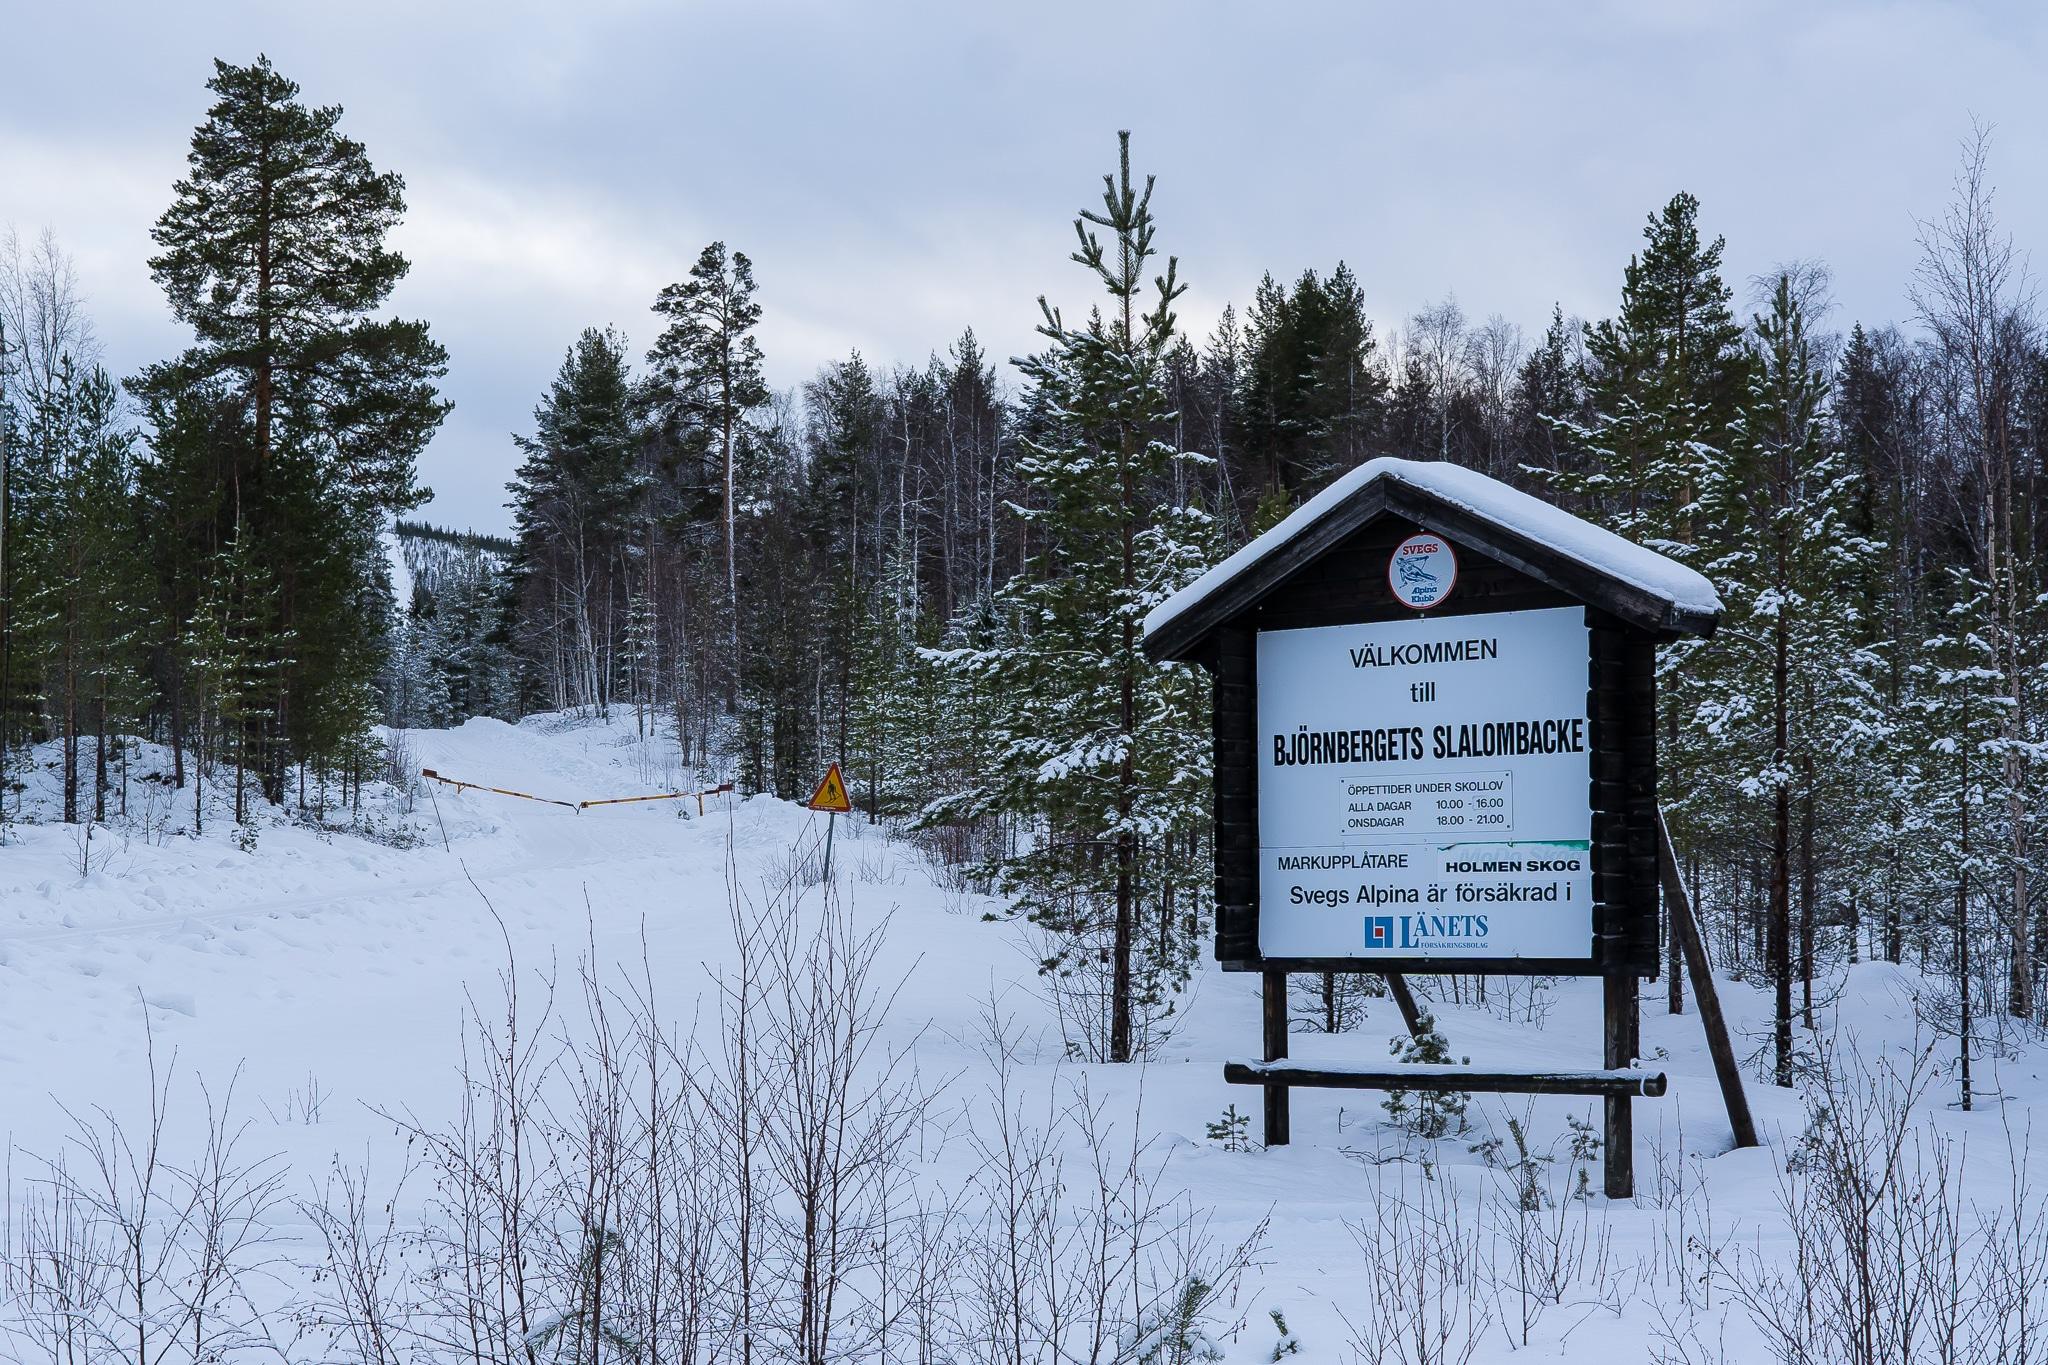 En nedfälld bom på vägen upp till Björnberget. En allt för vanlig syn den här säsongen. Foto: Morgan Grip